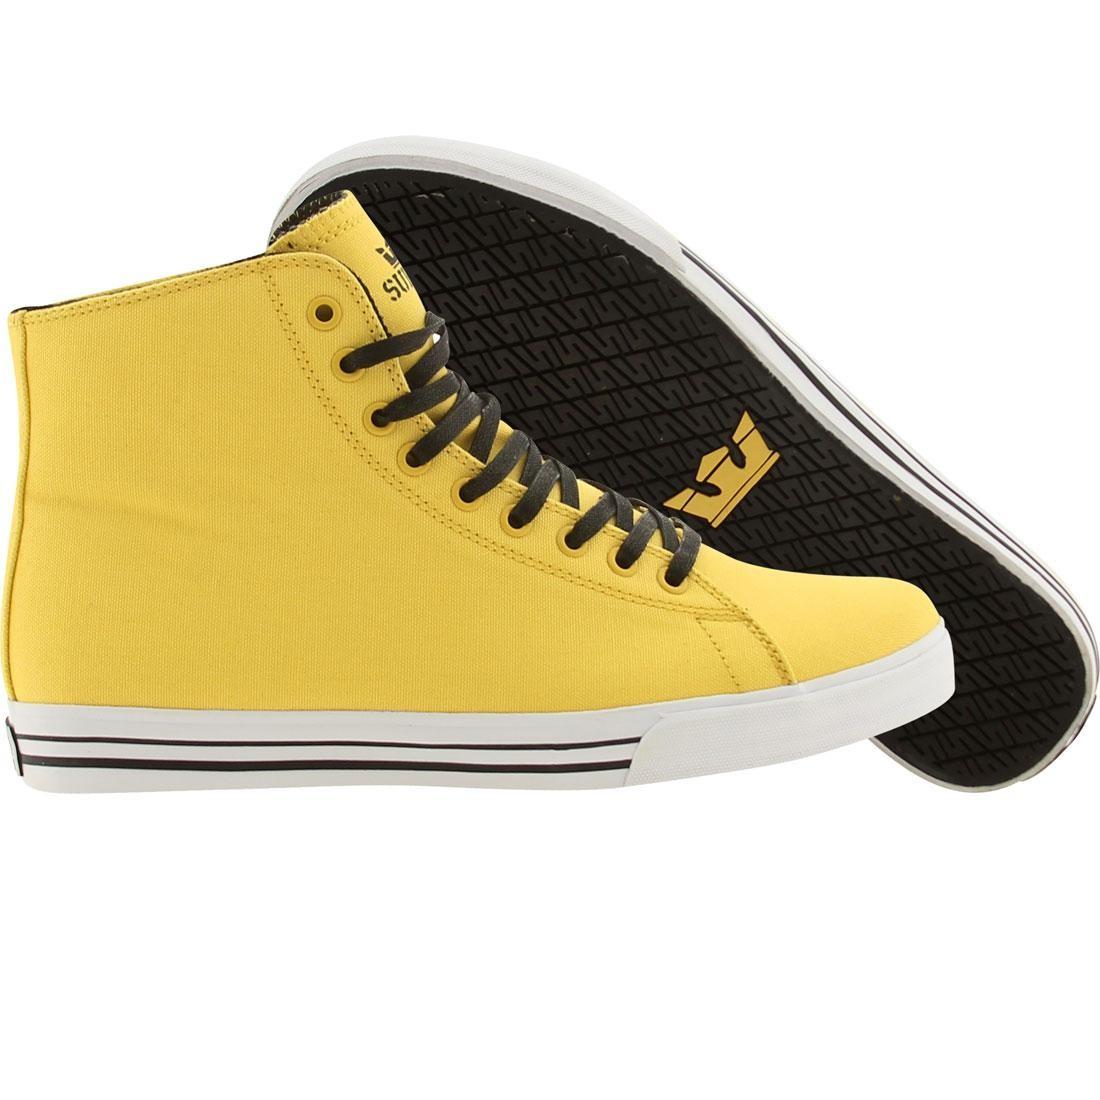 SUPRA サンダー ハイトップ スニーカー メンズ 【 Thunder Hightop (yellow Canvas) 】 Yellow Canvas